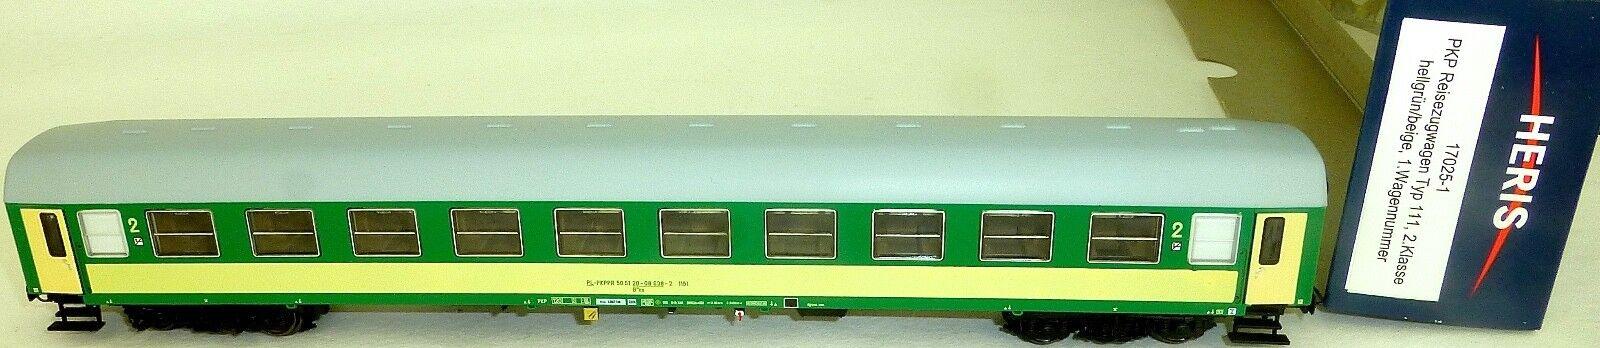 PKP Reisezugwagen 638-2 typ111 2 ° CL. Light Grey Beige HERIS 17025-1 h0 NEW